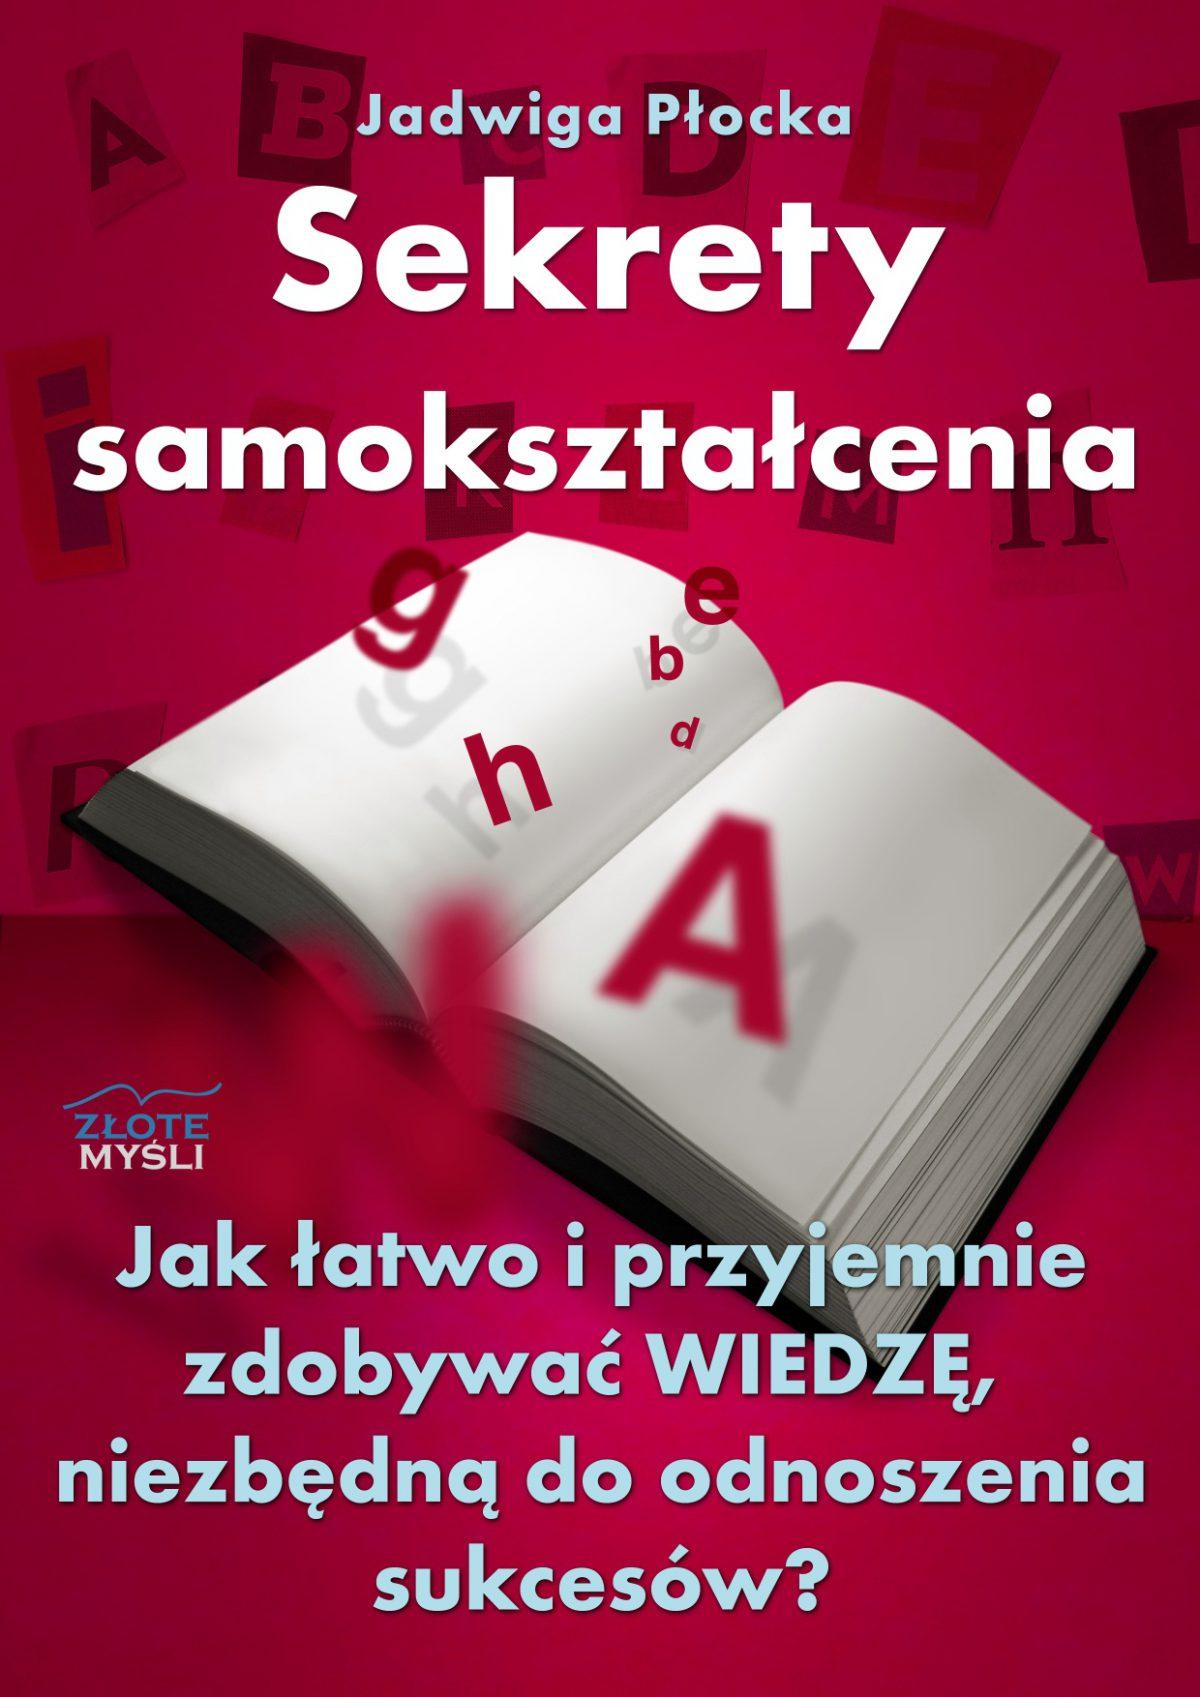 Sekrety samokształcenia - Ebook (Książka PDF) do pobrania w formacie PDF